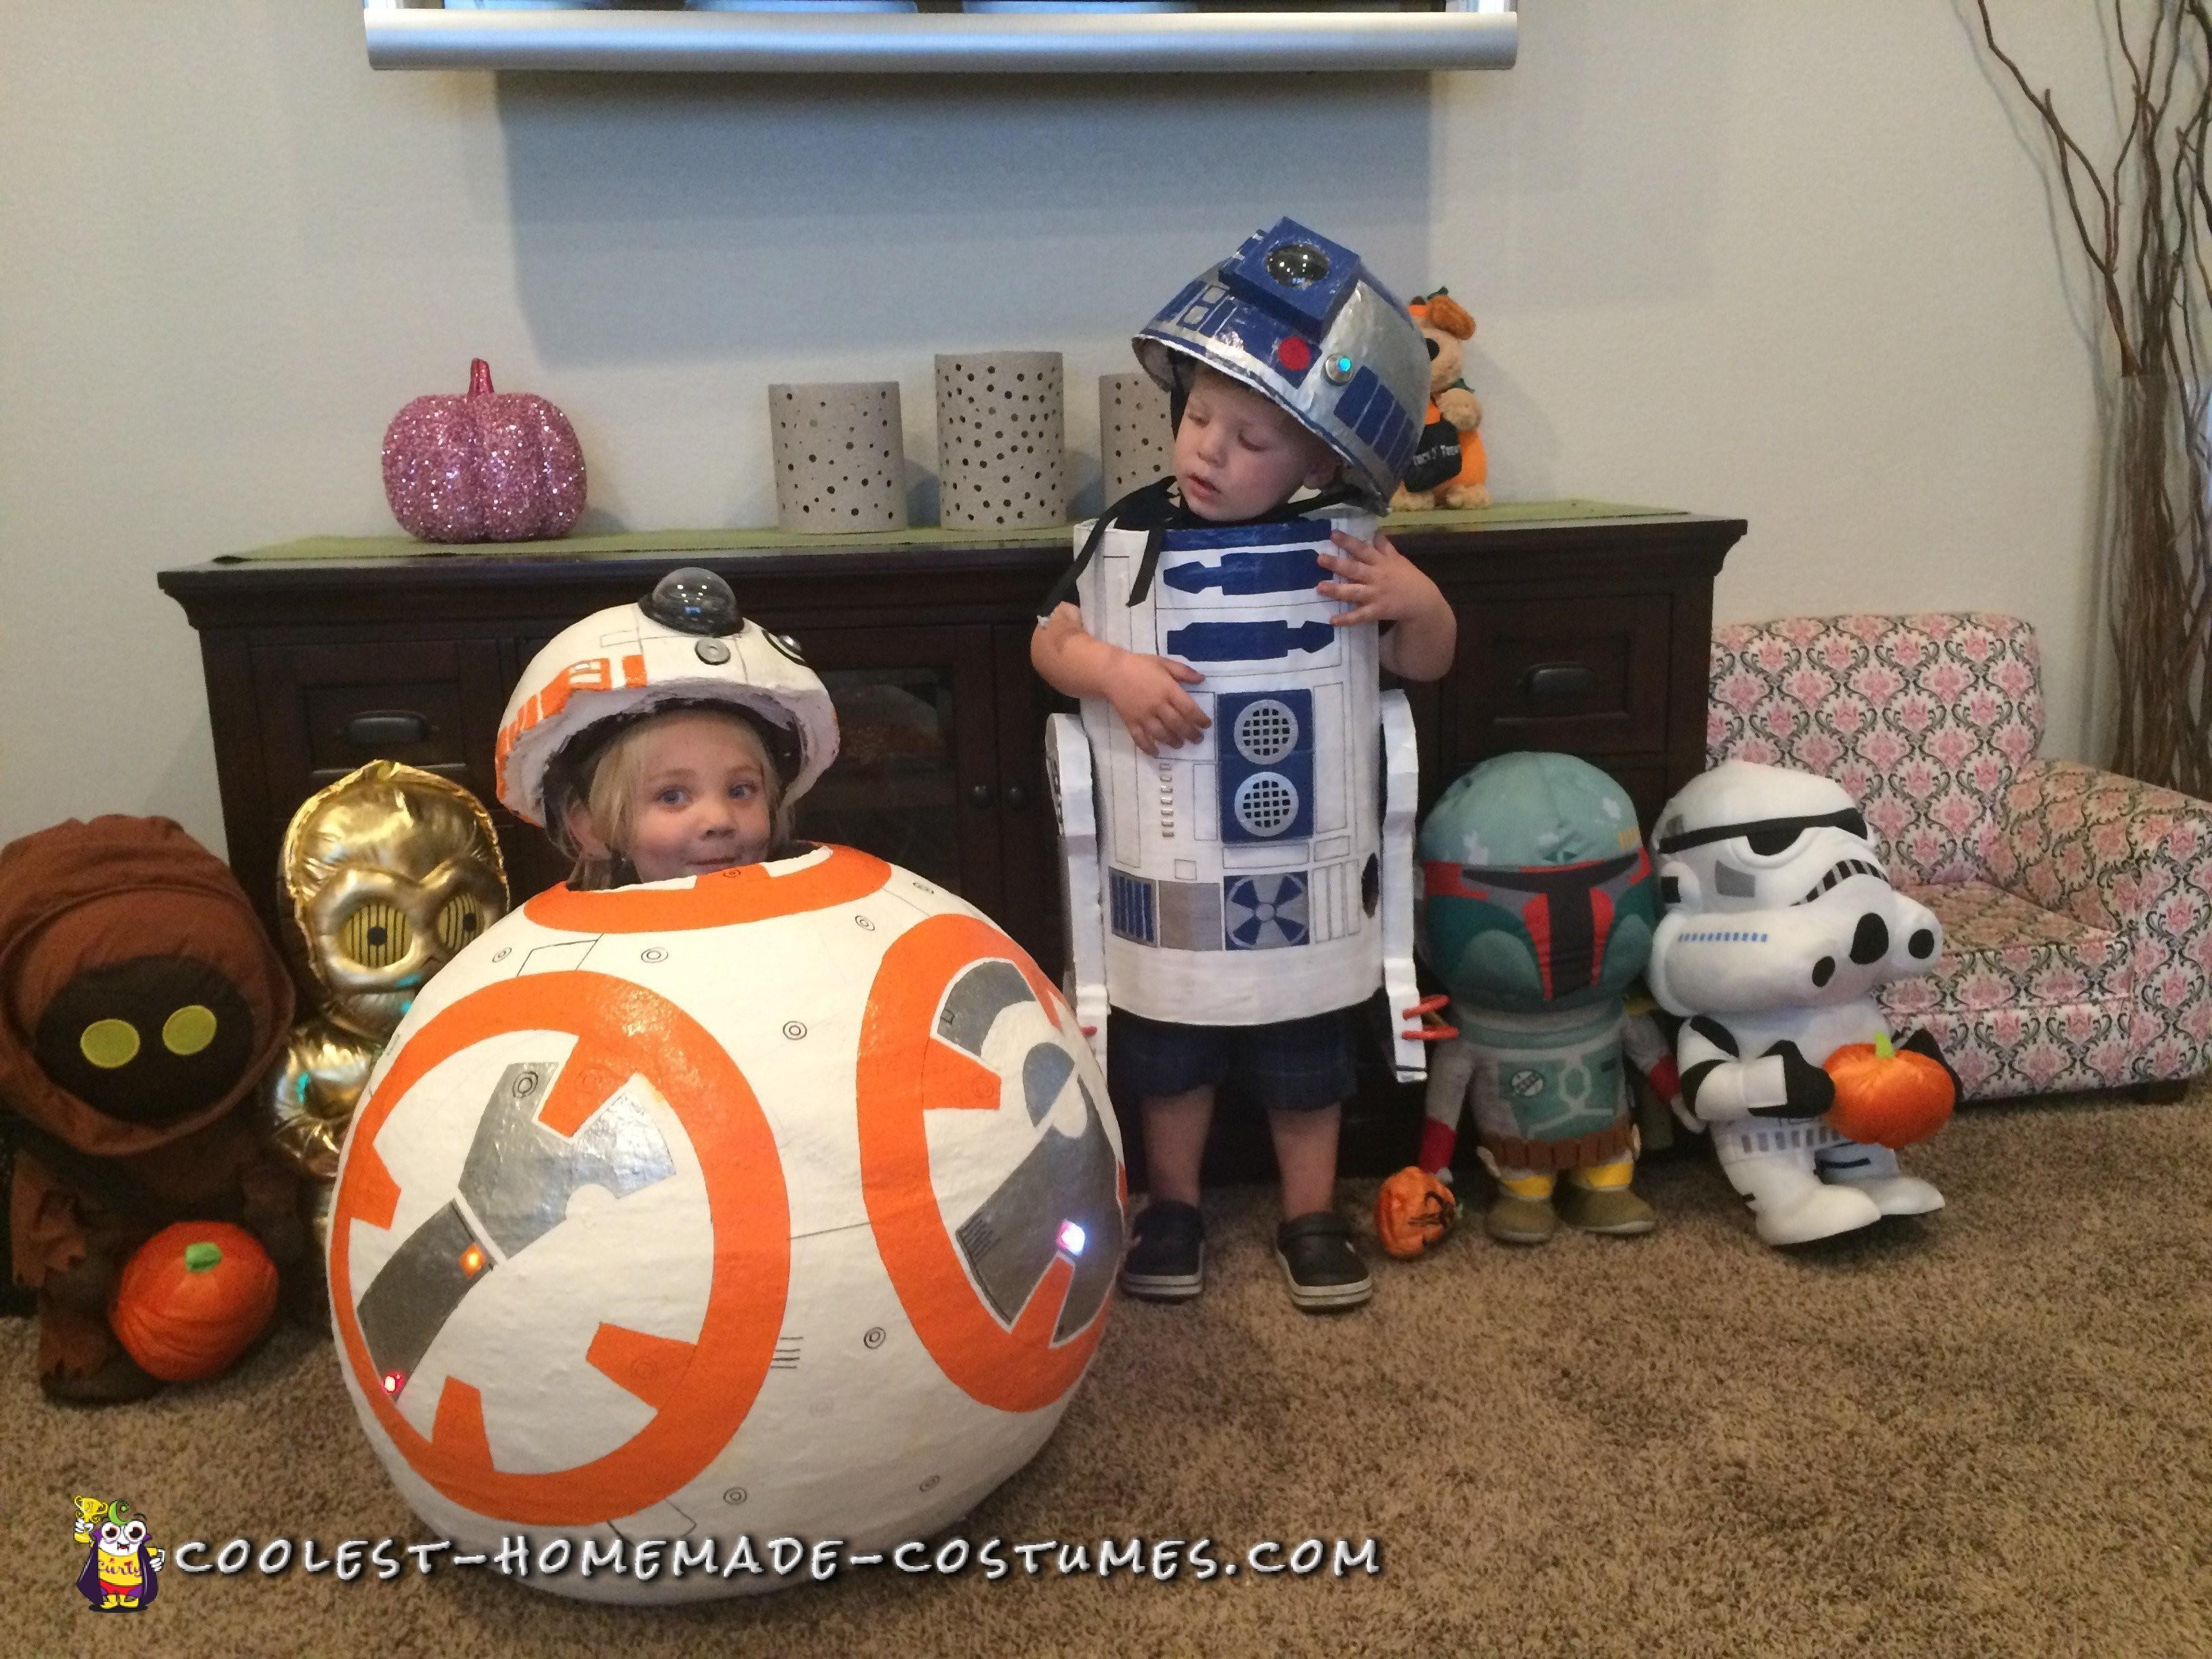 R2D2 and BB8 Costume Ideas - Coolest DIY Droids!